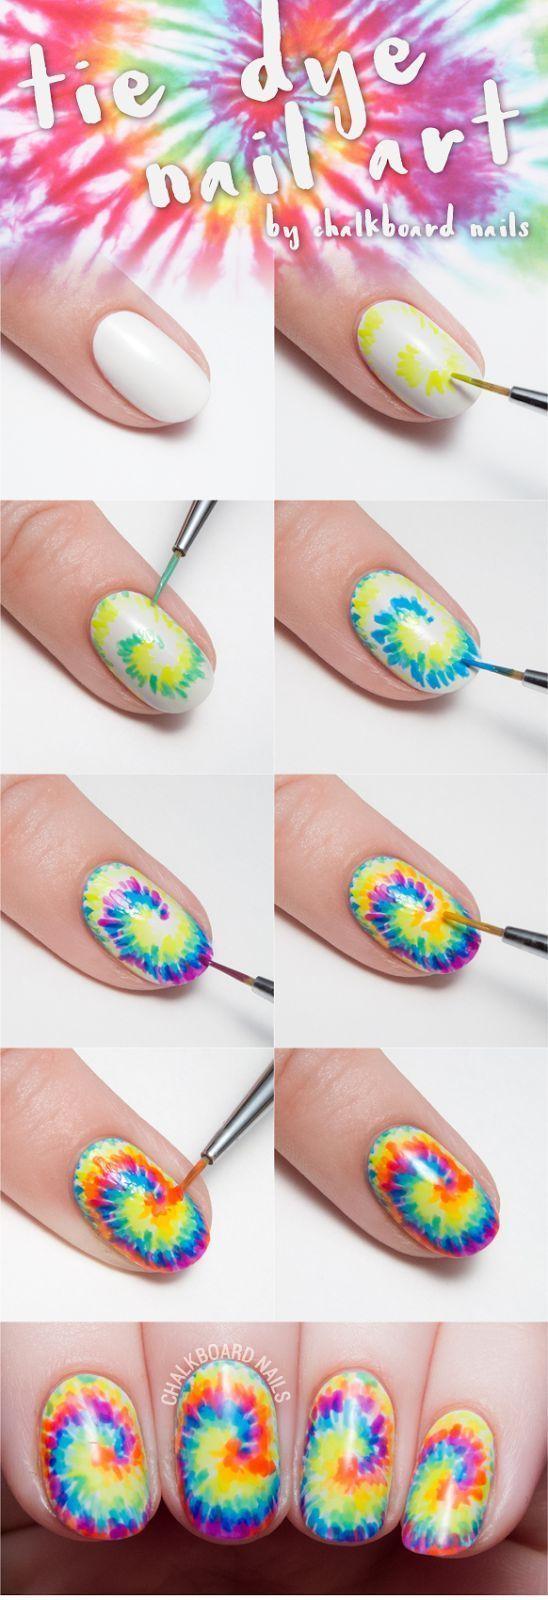 Gel nails designs nails pinterest nail hacks fun nails and makeup